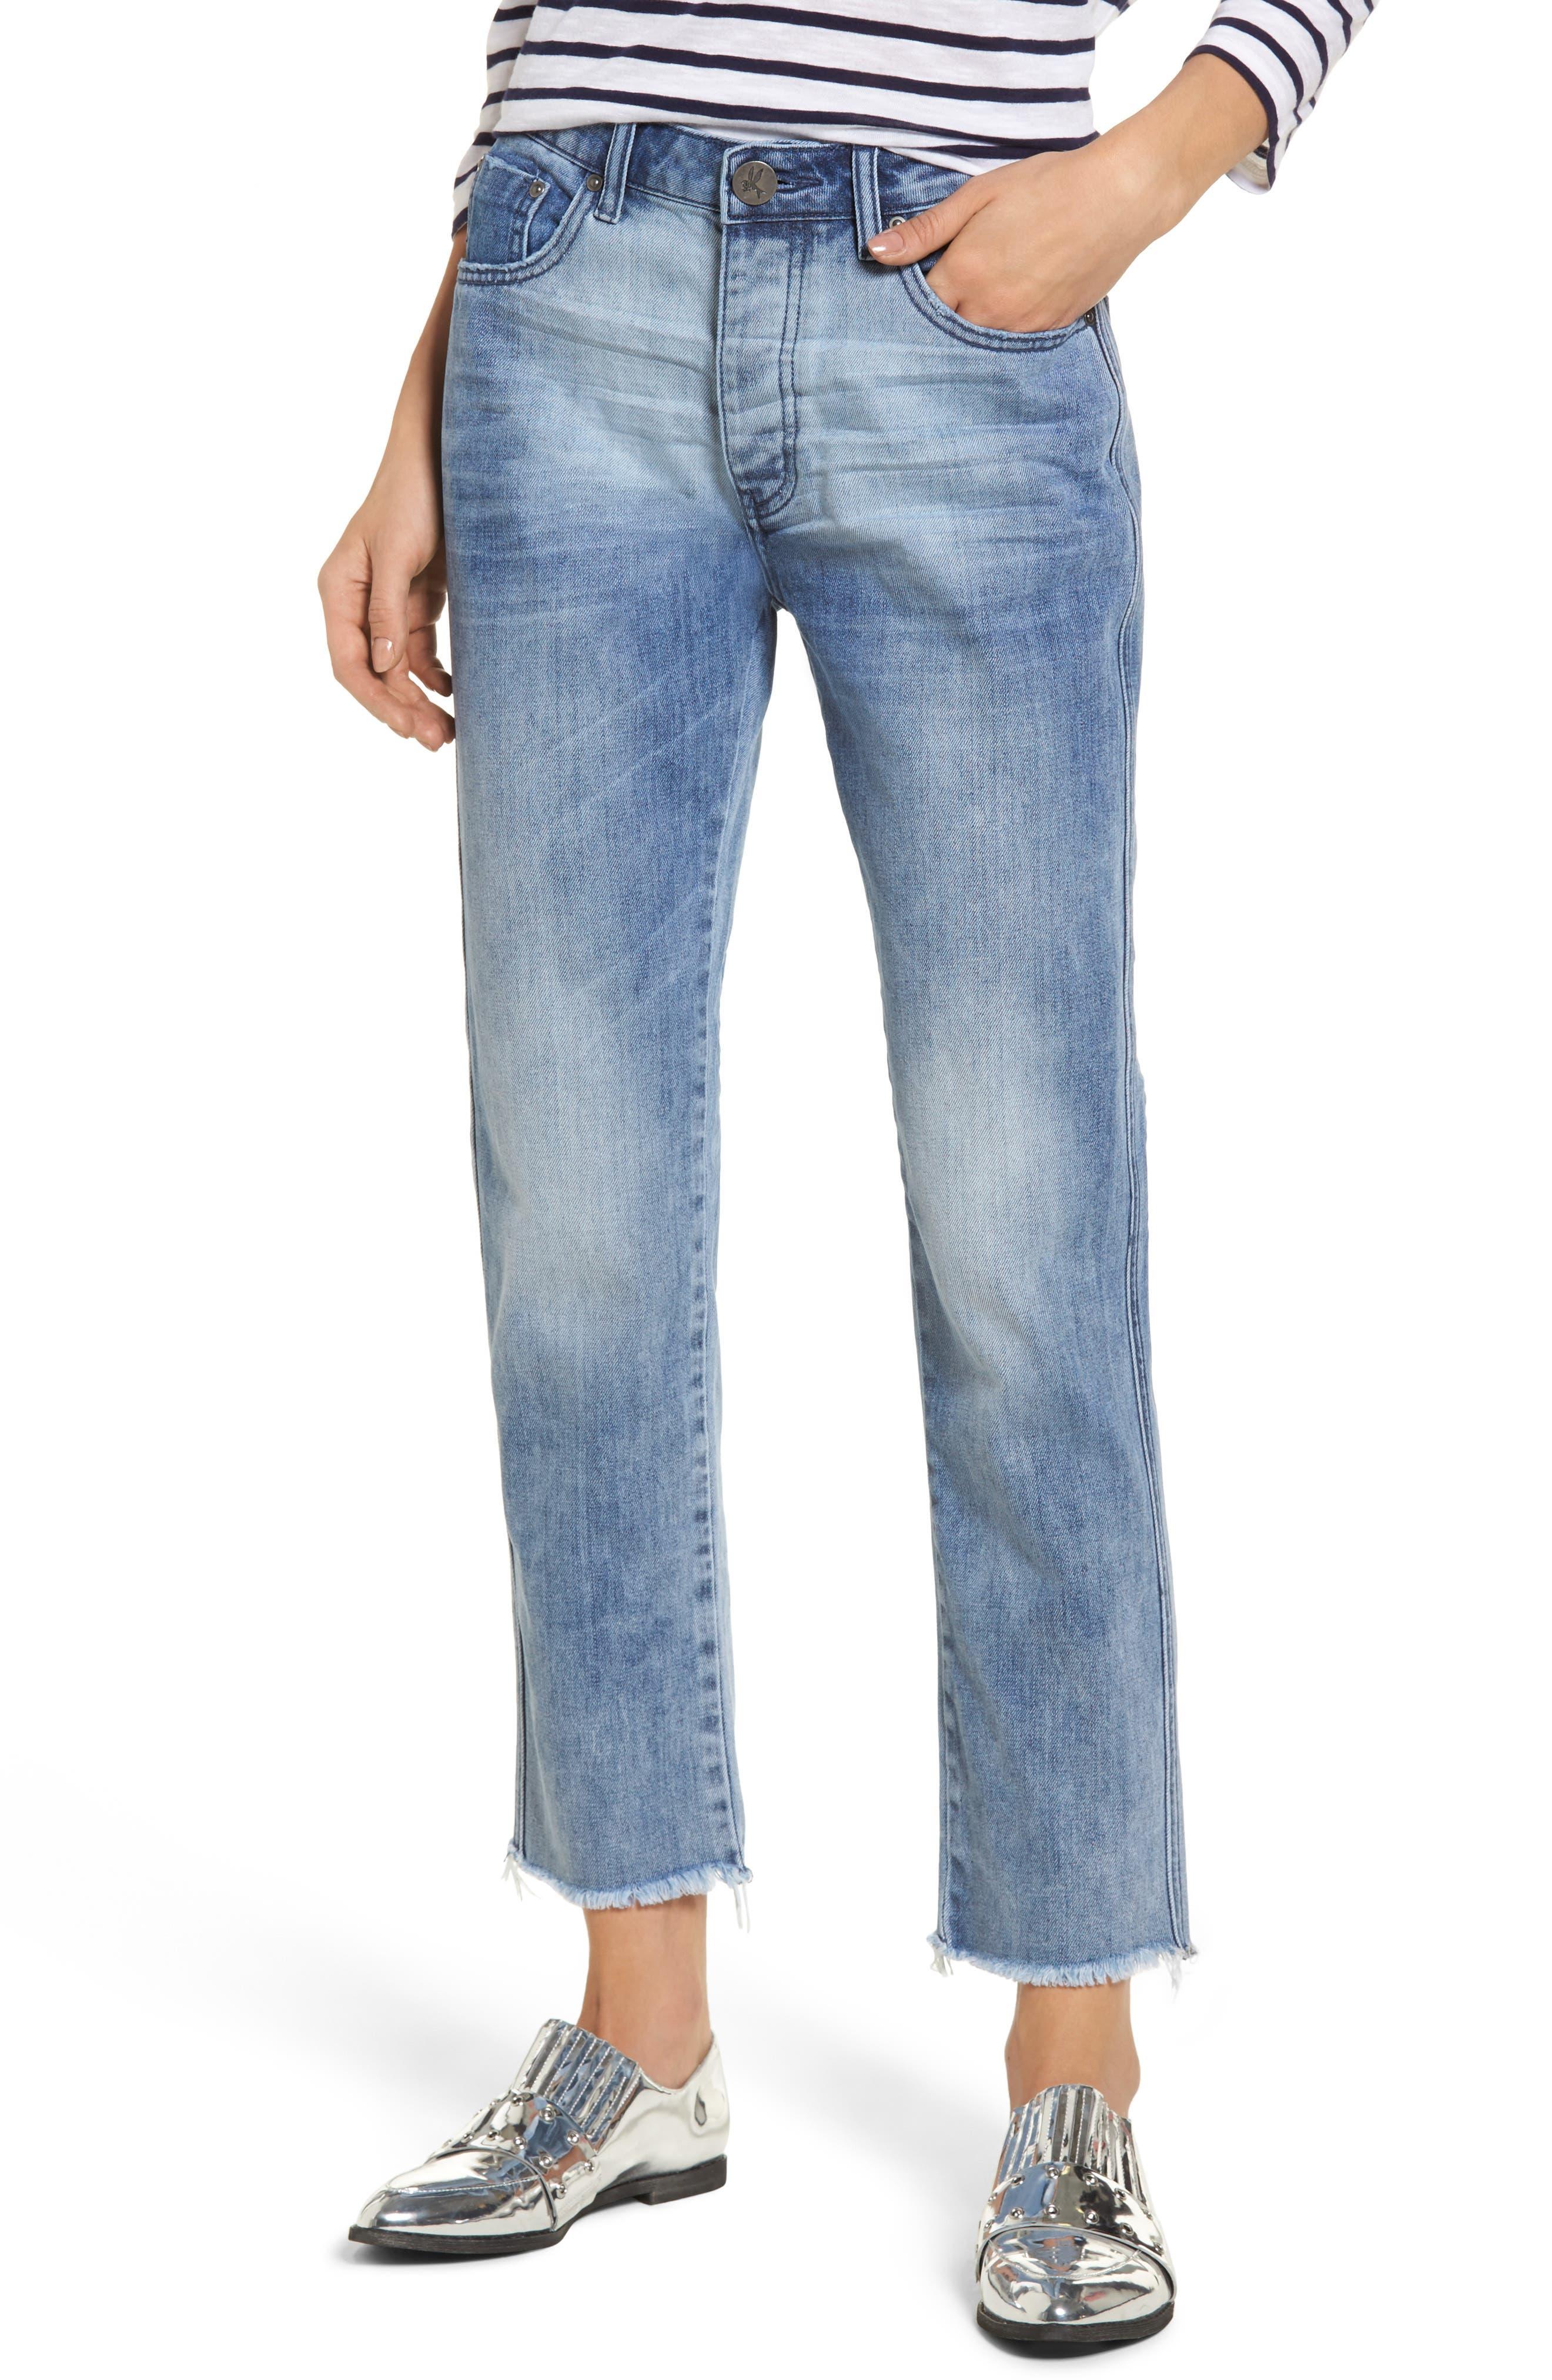 Tuckers High Waist Straight Leg Jeans,                         Main,                         color,